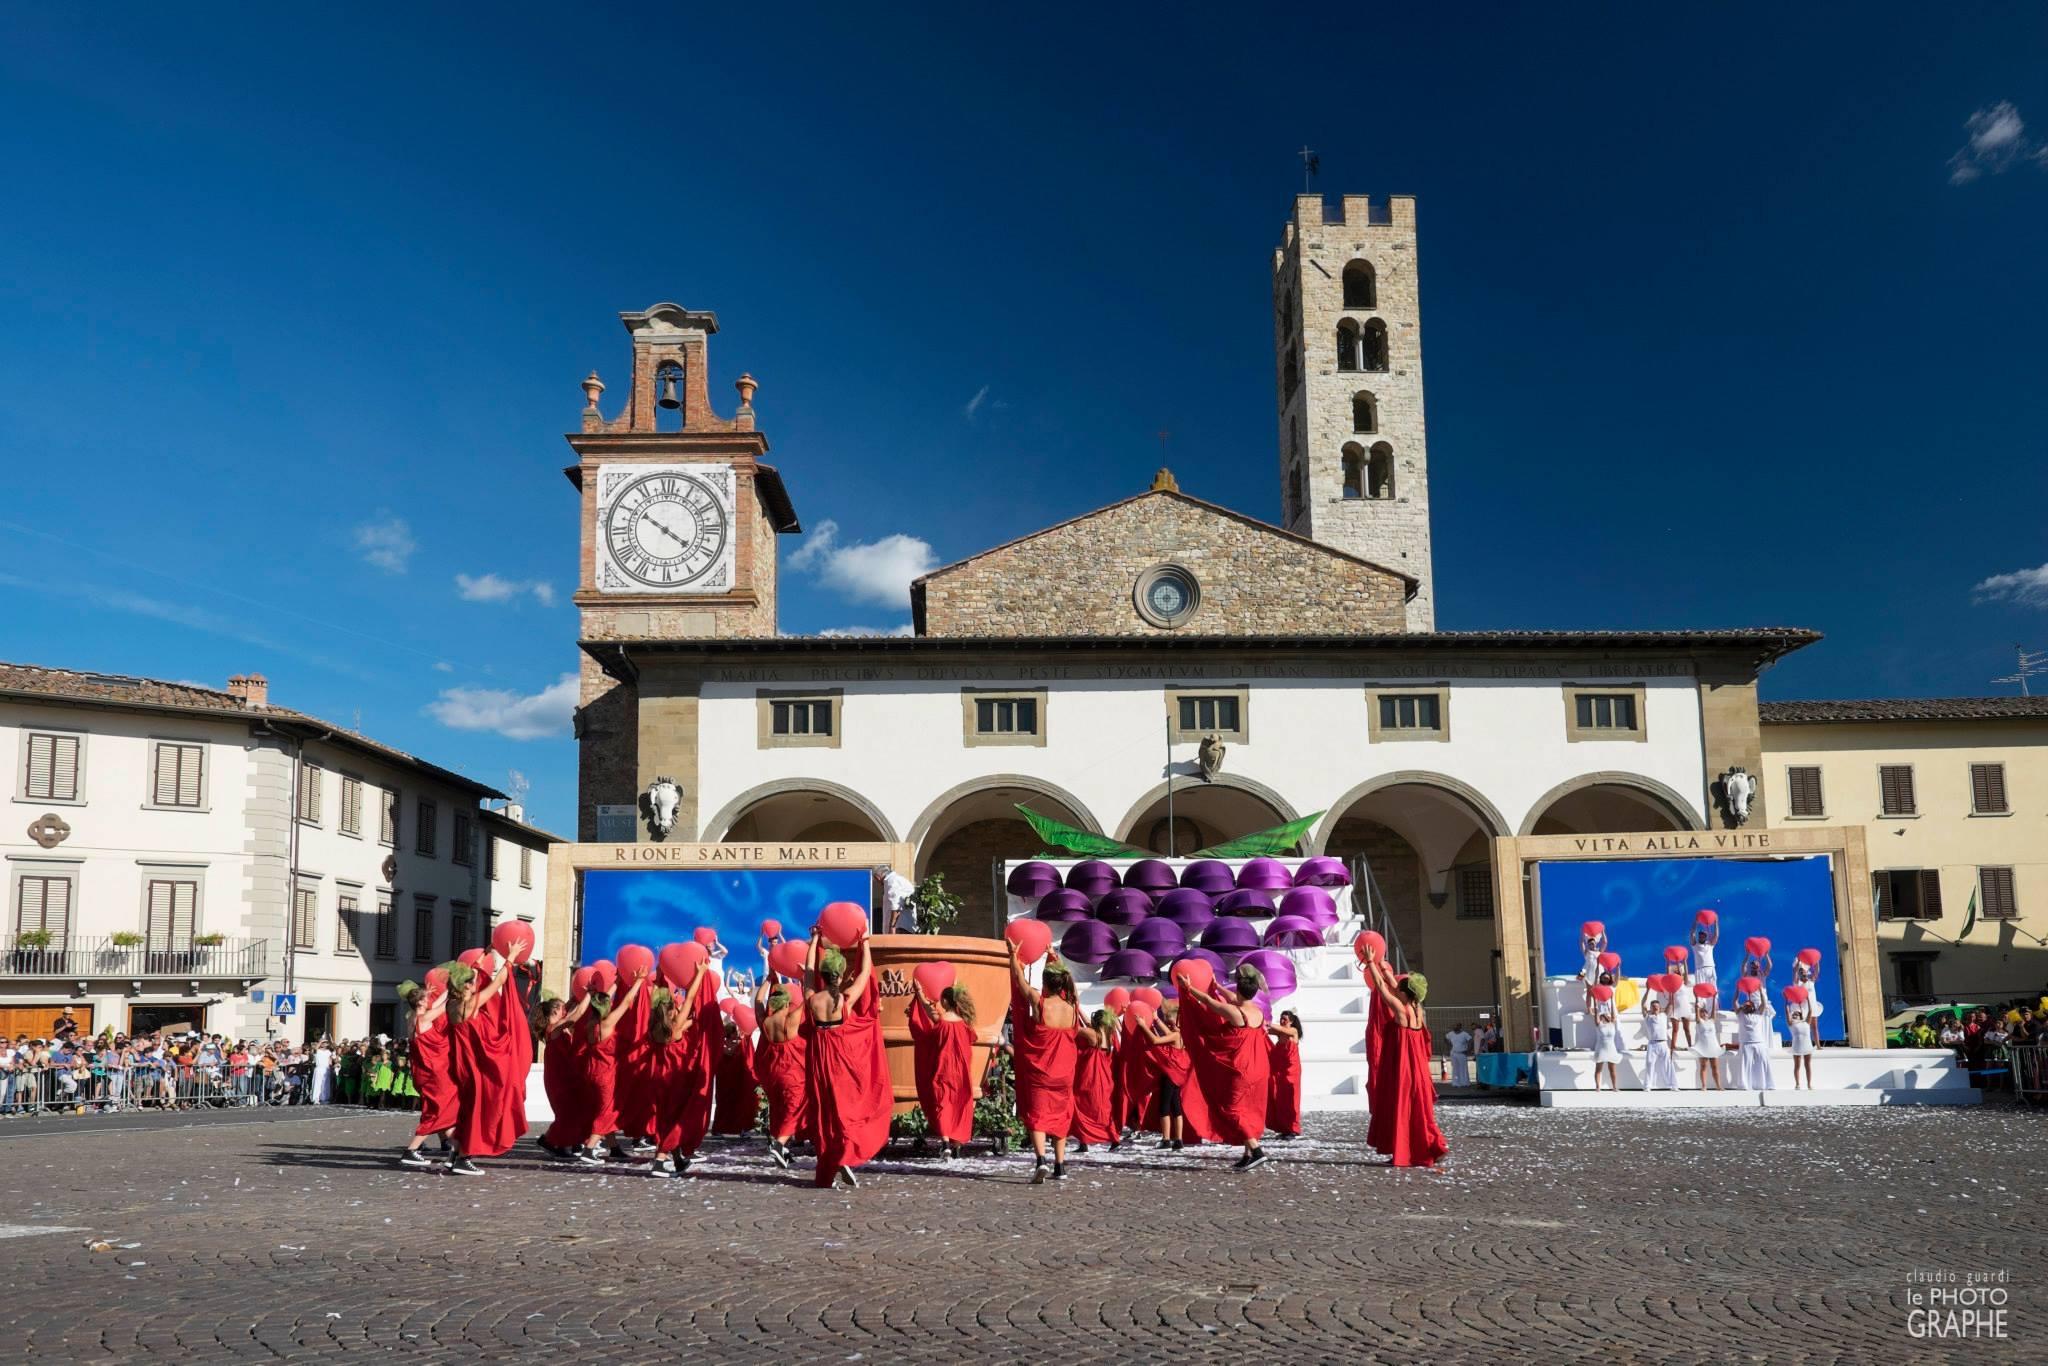 Sante-marie-festa-dell'uva-2014-60